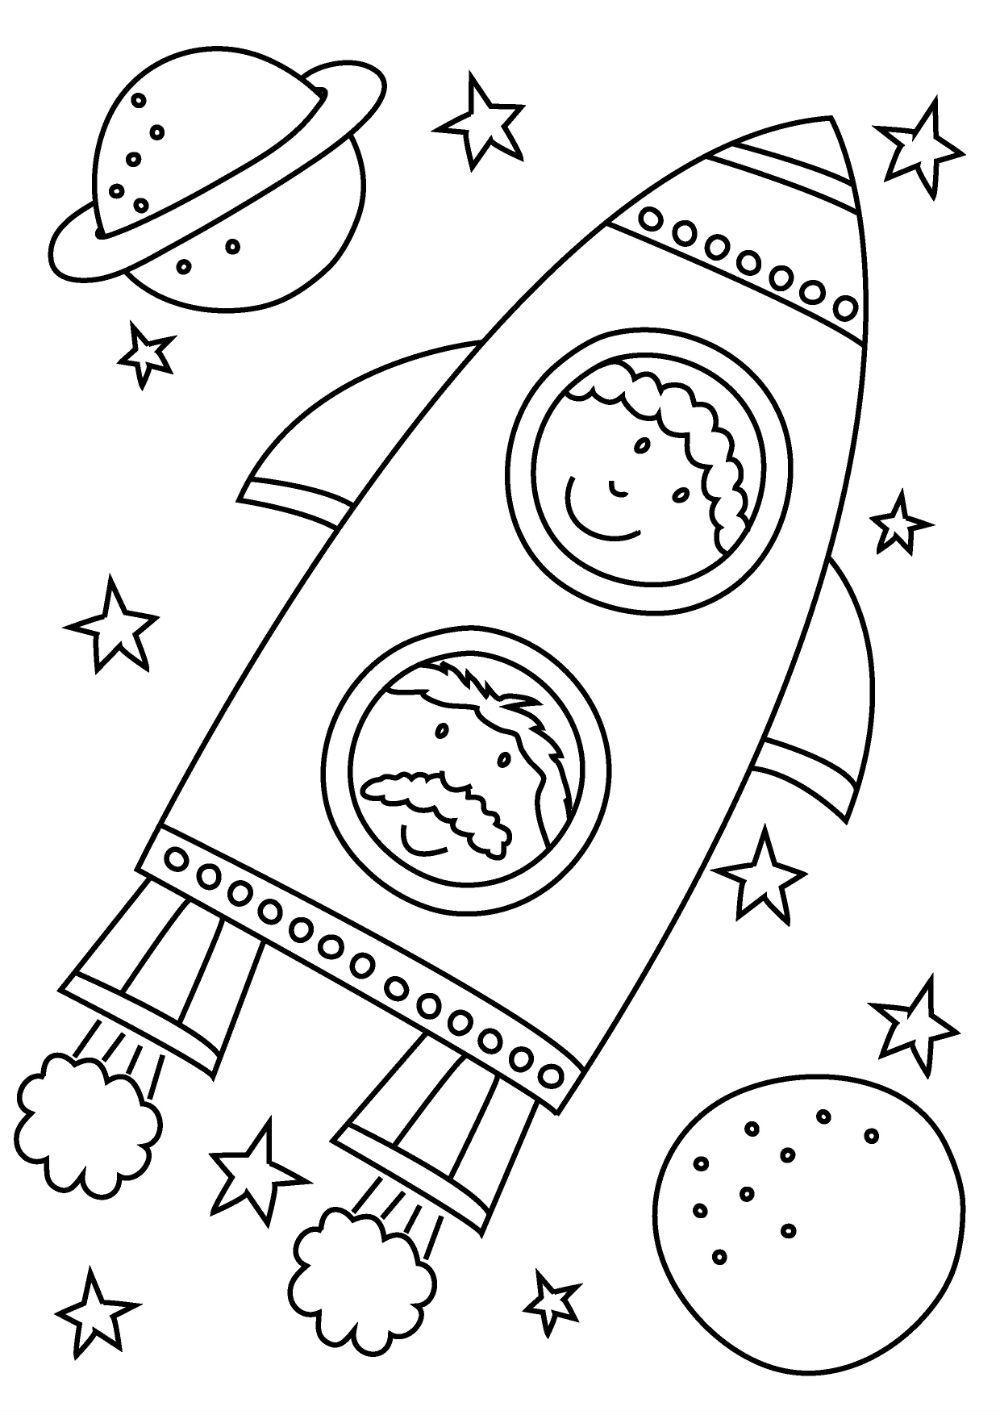 раскраска ракеты космические корабли спутники детские